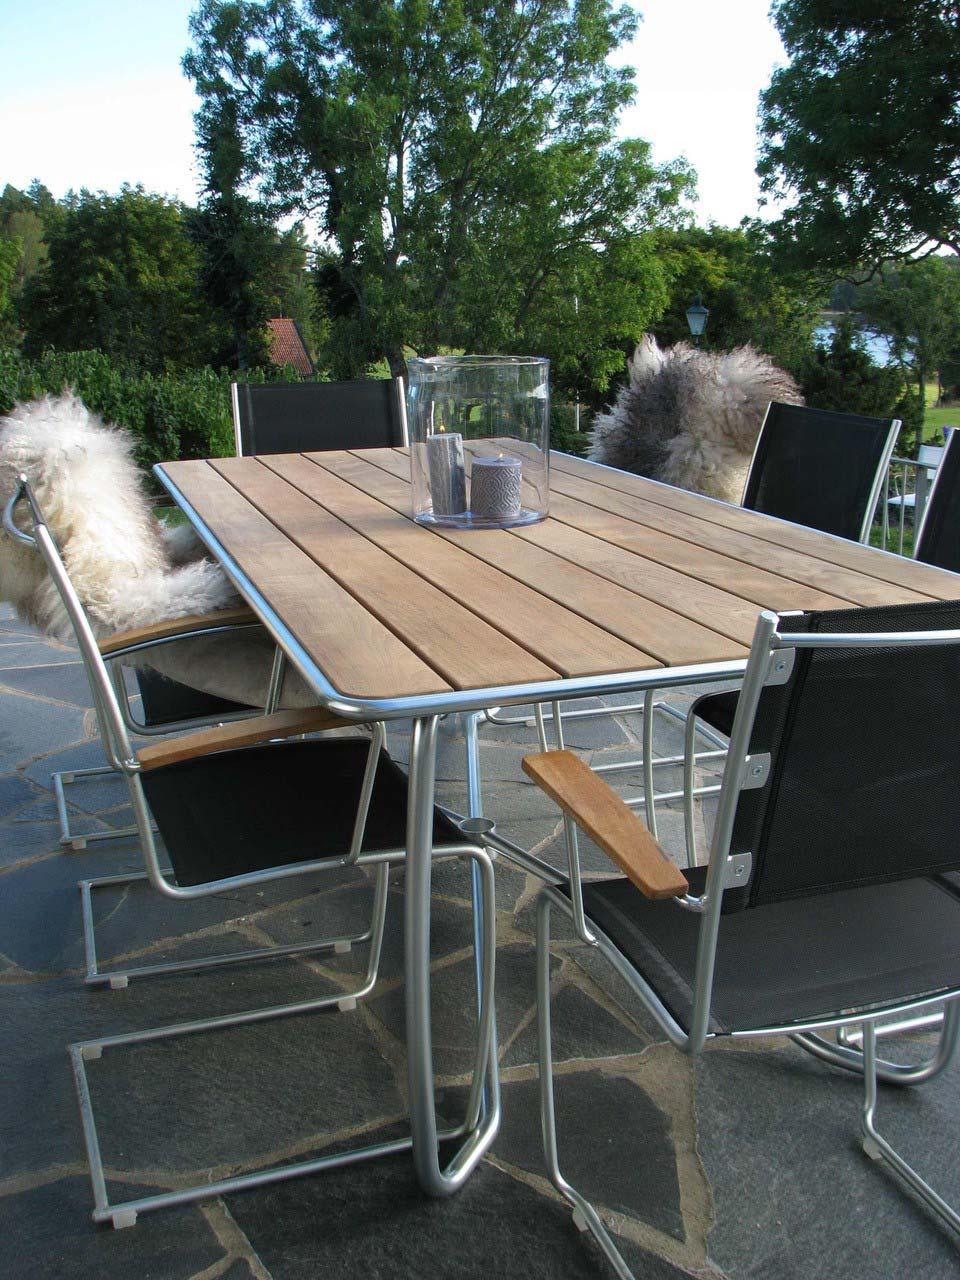 Spring matgrupp med rektangulärt matbord i teak och stolar med svart textilene.